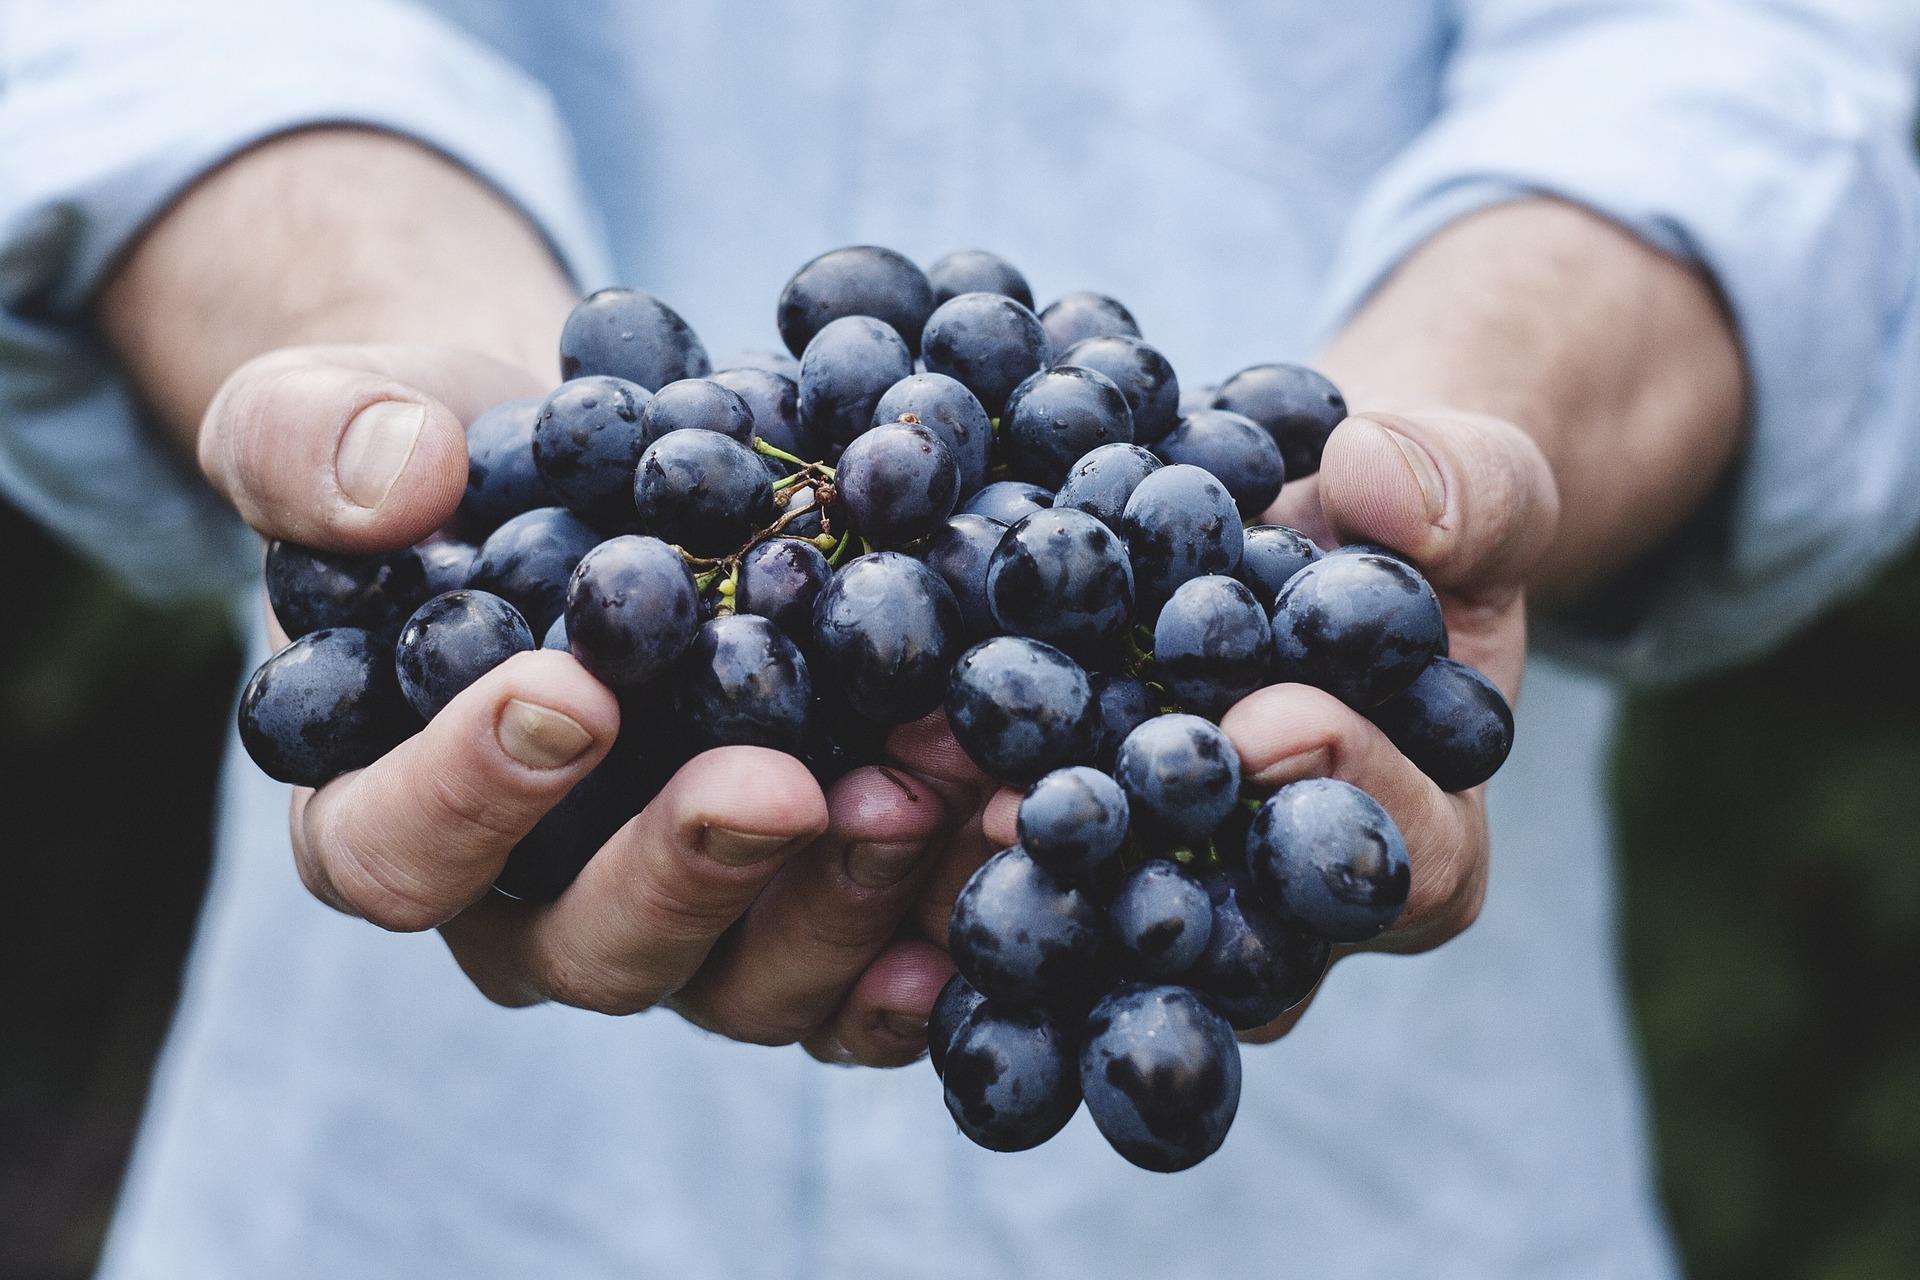 5 curiosidades sobre distribuição de alimentos